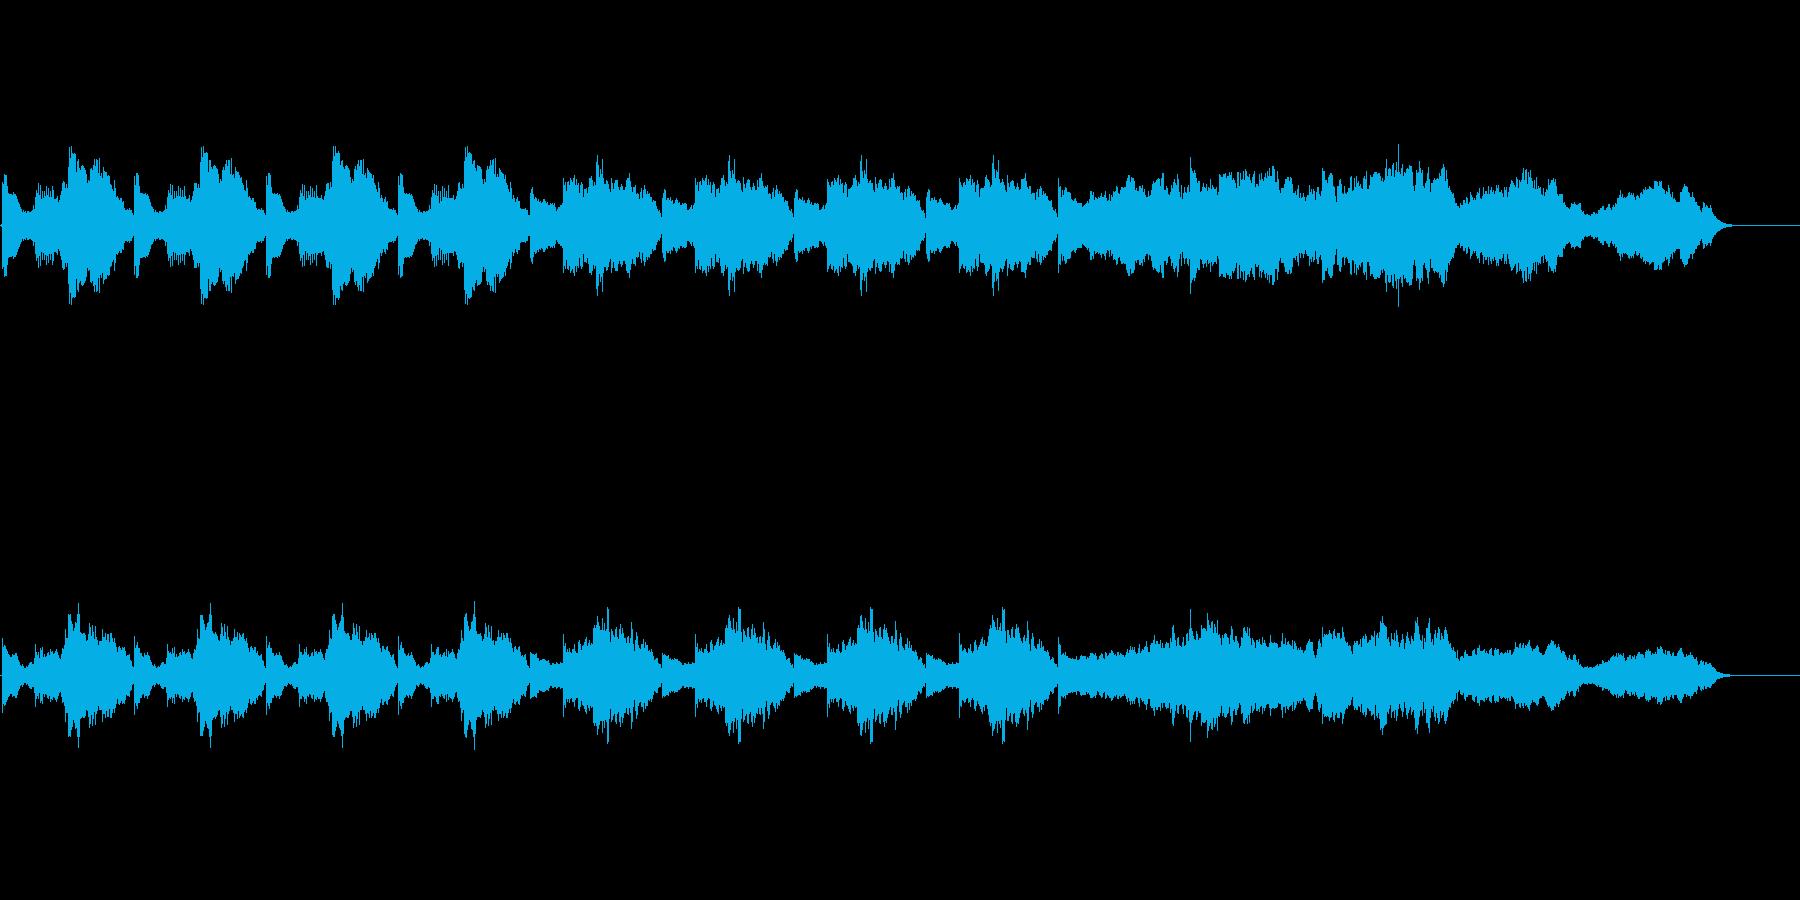 ホラー&サスペンス:忍び寄る不安の再生済みの波形